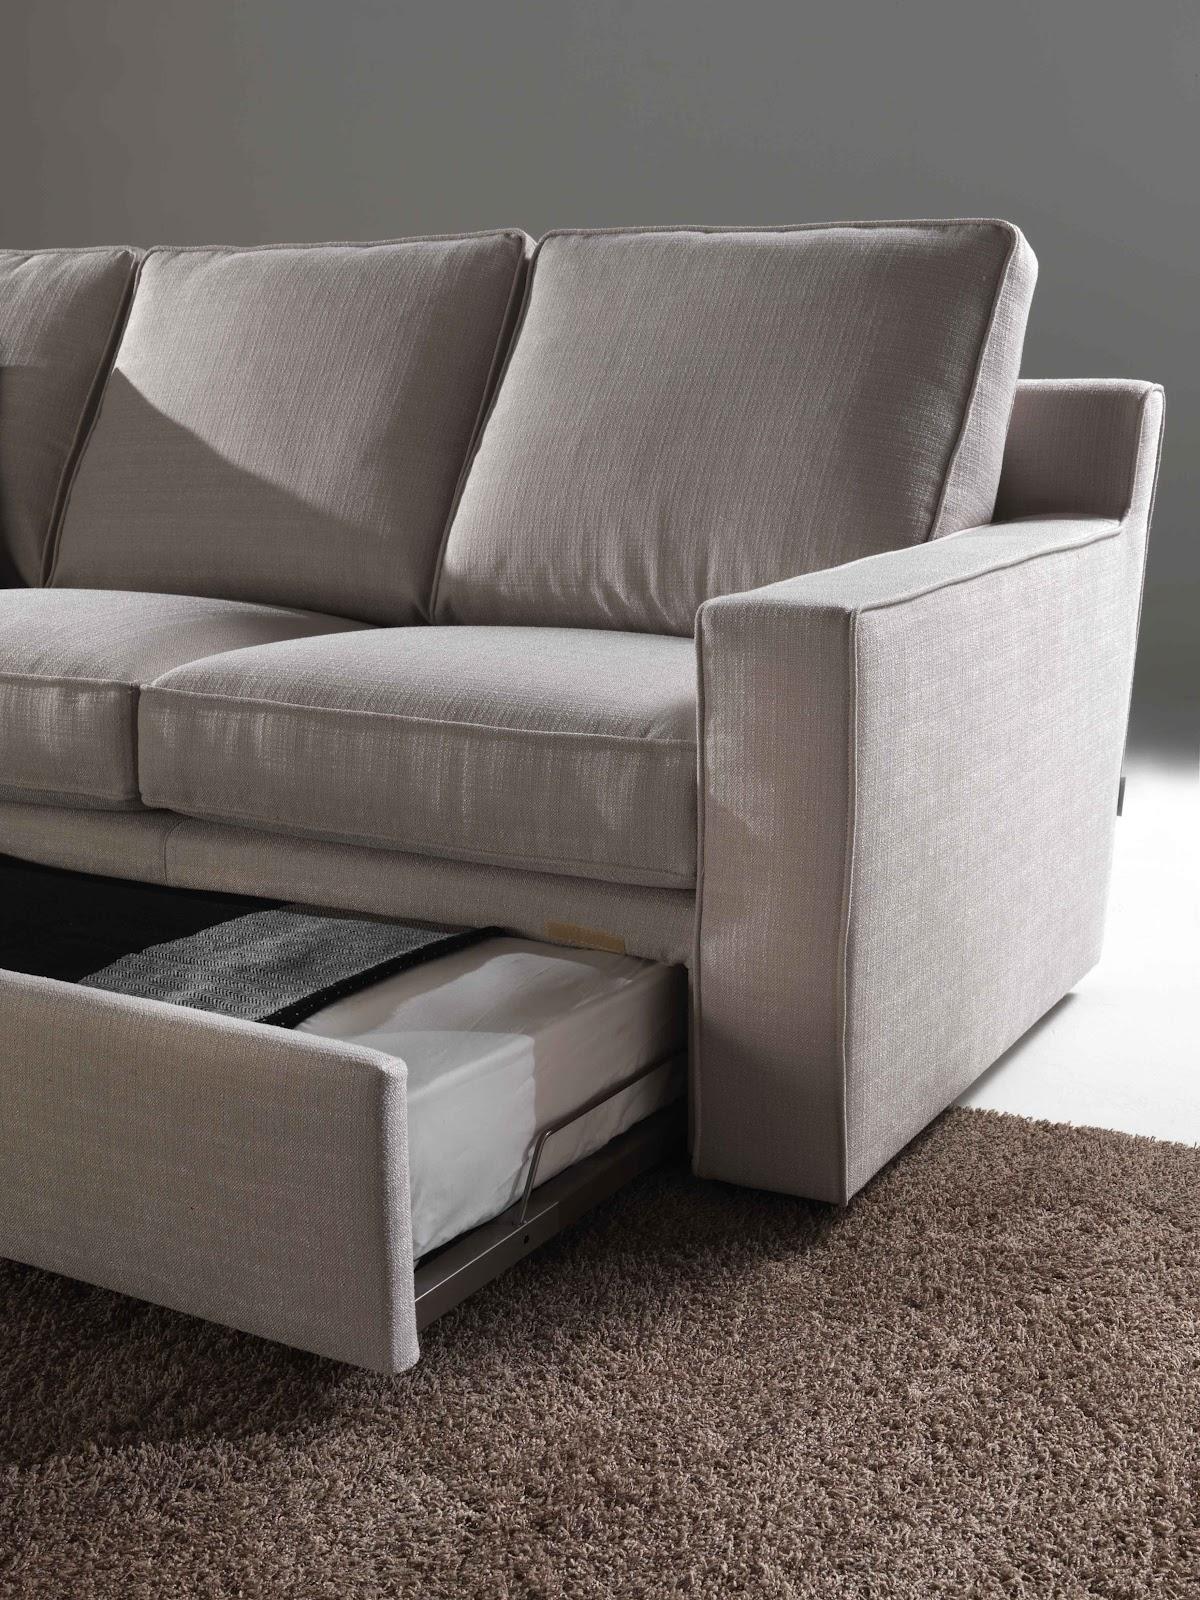 Santambrogio salotti produzione e vendita di divani e for Materassi x divano letto